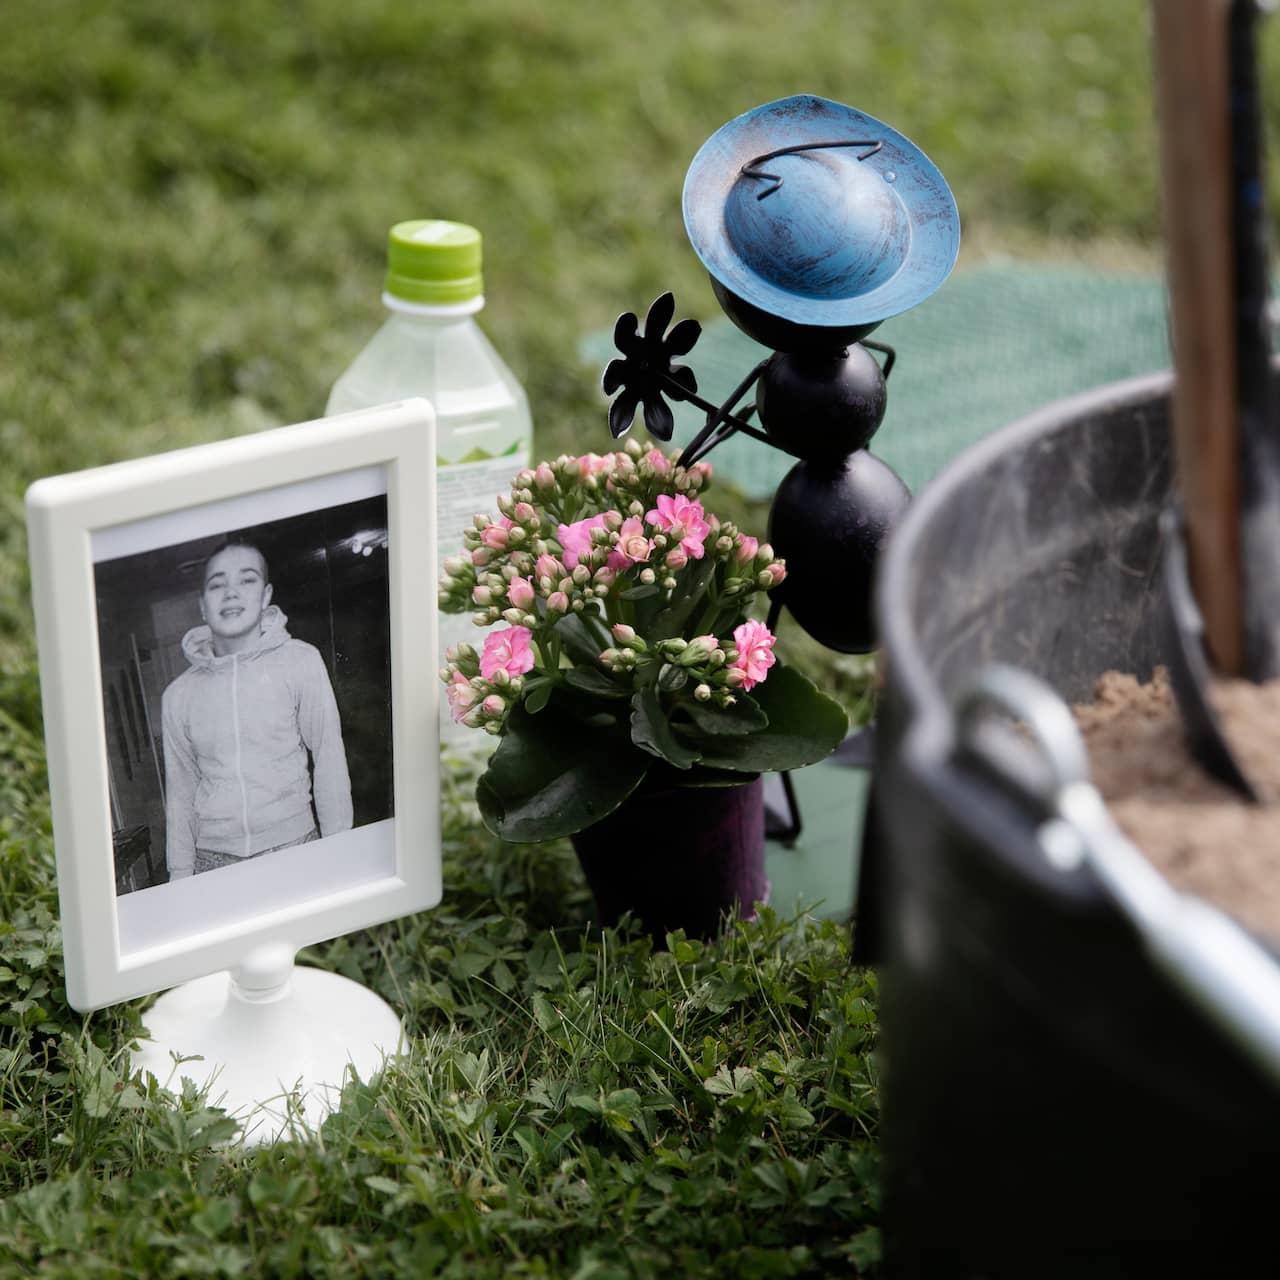 Vid Robin Sinisalos minnesplats står ett svartvitt foto på pojken som aldrig kommer få bli man.